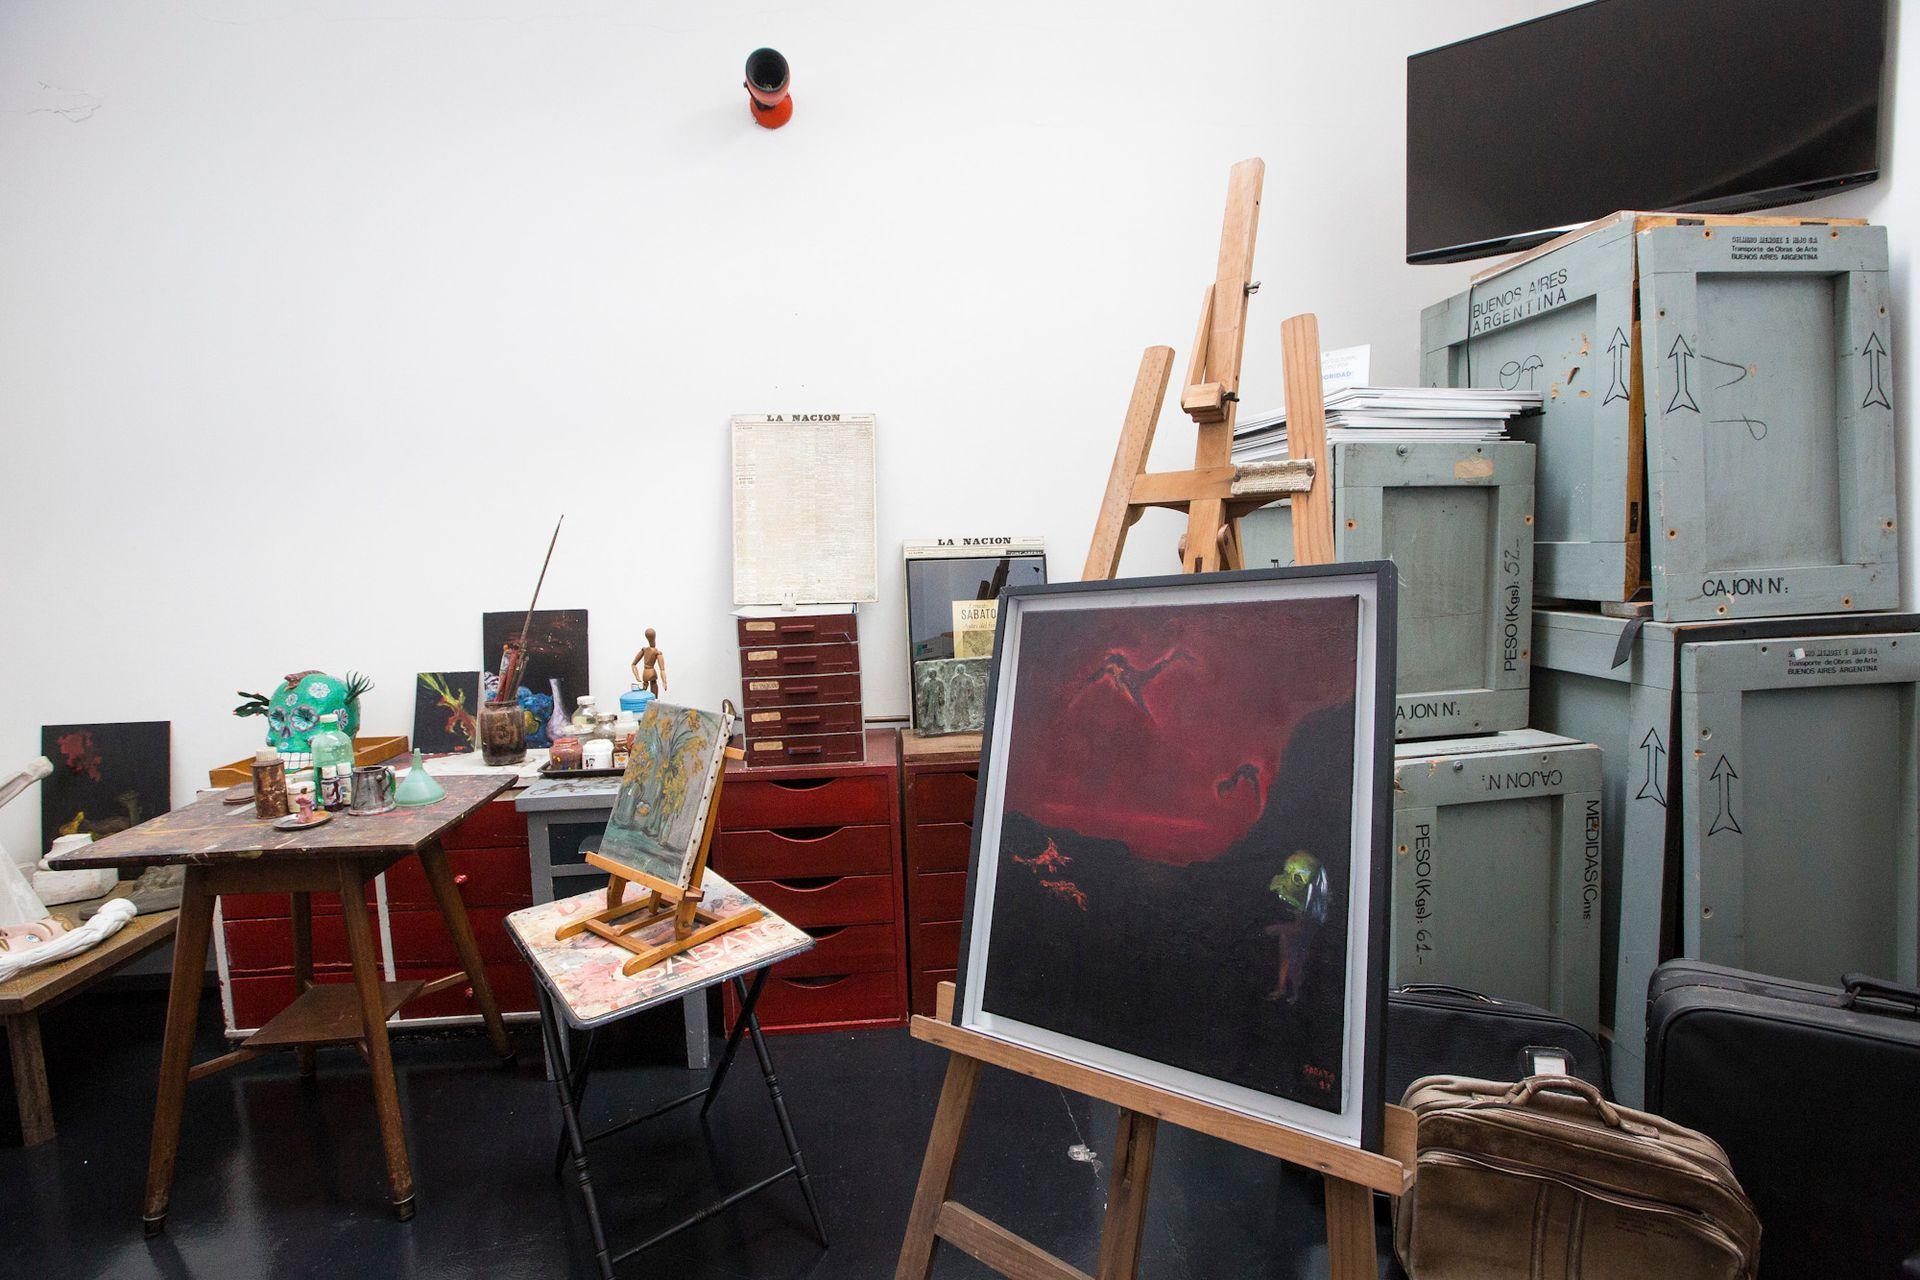 Cuadros y elementos de pintura